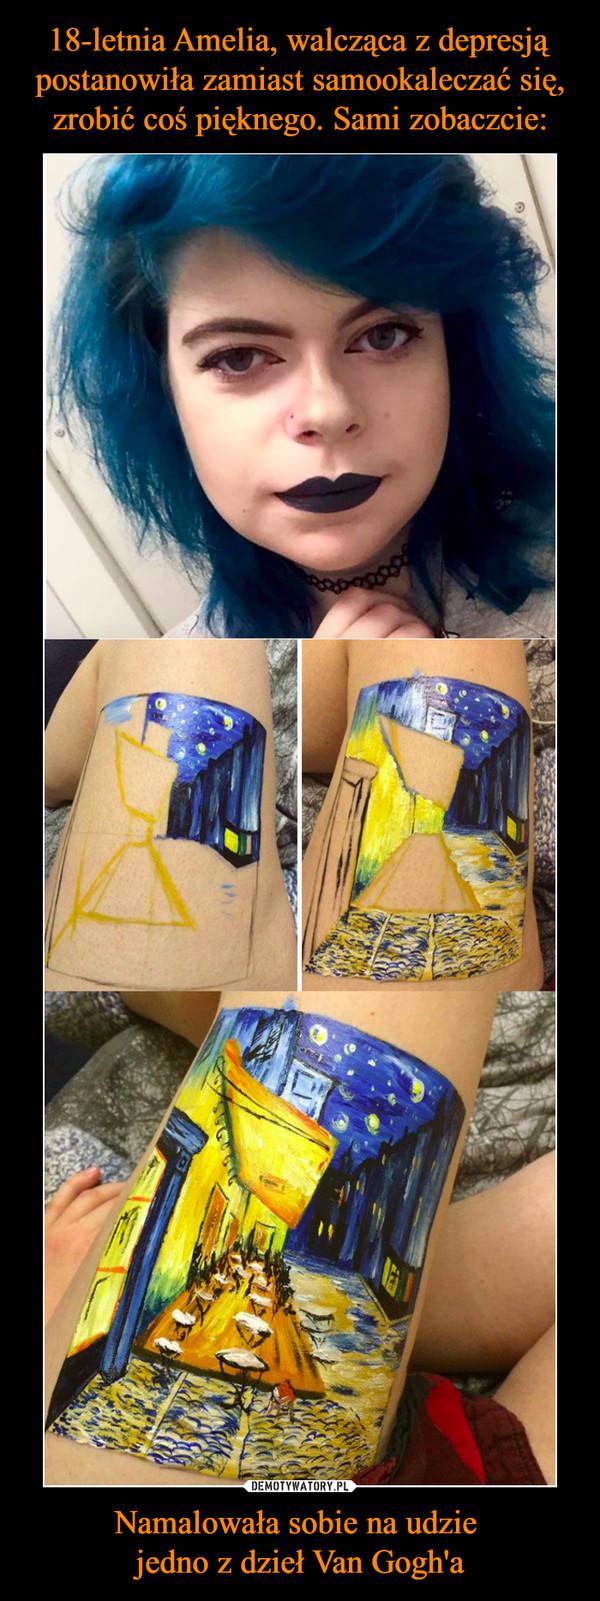 Namalowała sobie na udzie jedno z dzieł Van Gogh'a –